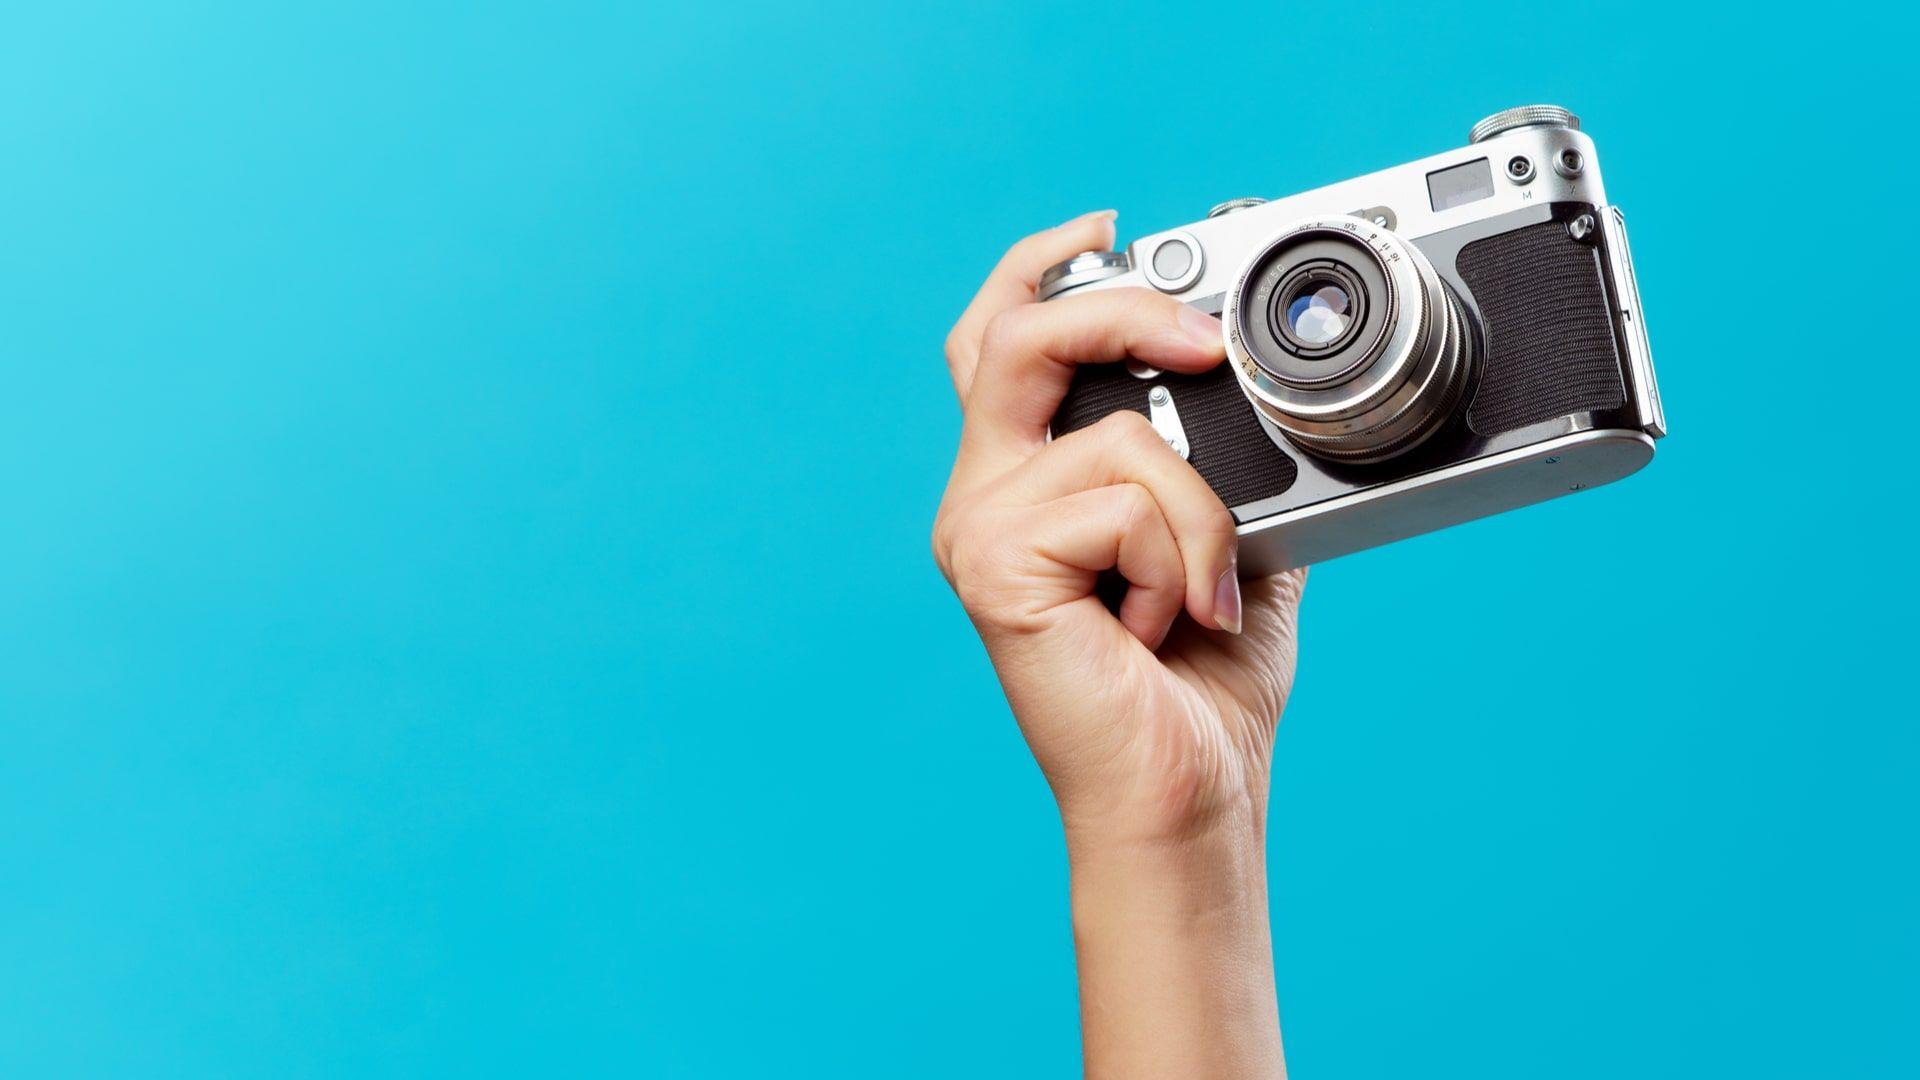 Canon, Sony e Nikon estão entre as marcas com as melhores câmeras (Foto: Shutterstock)